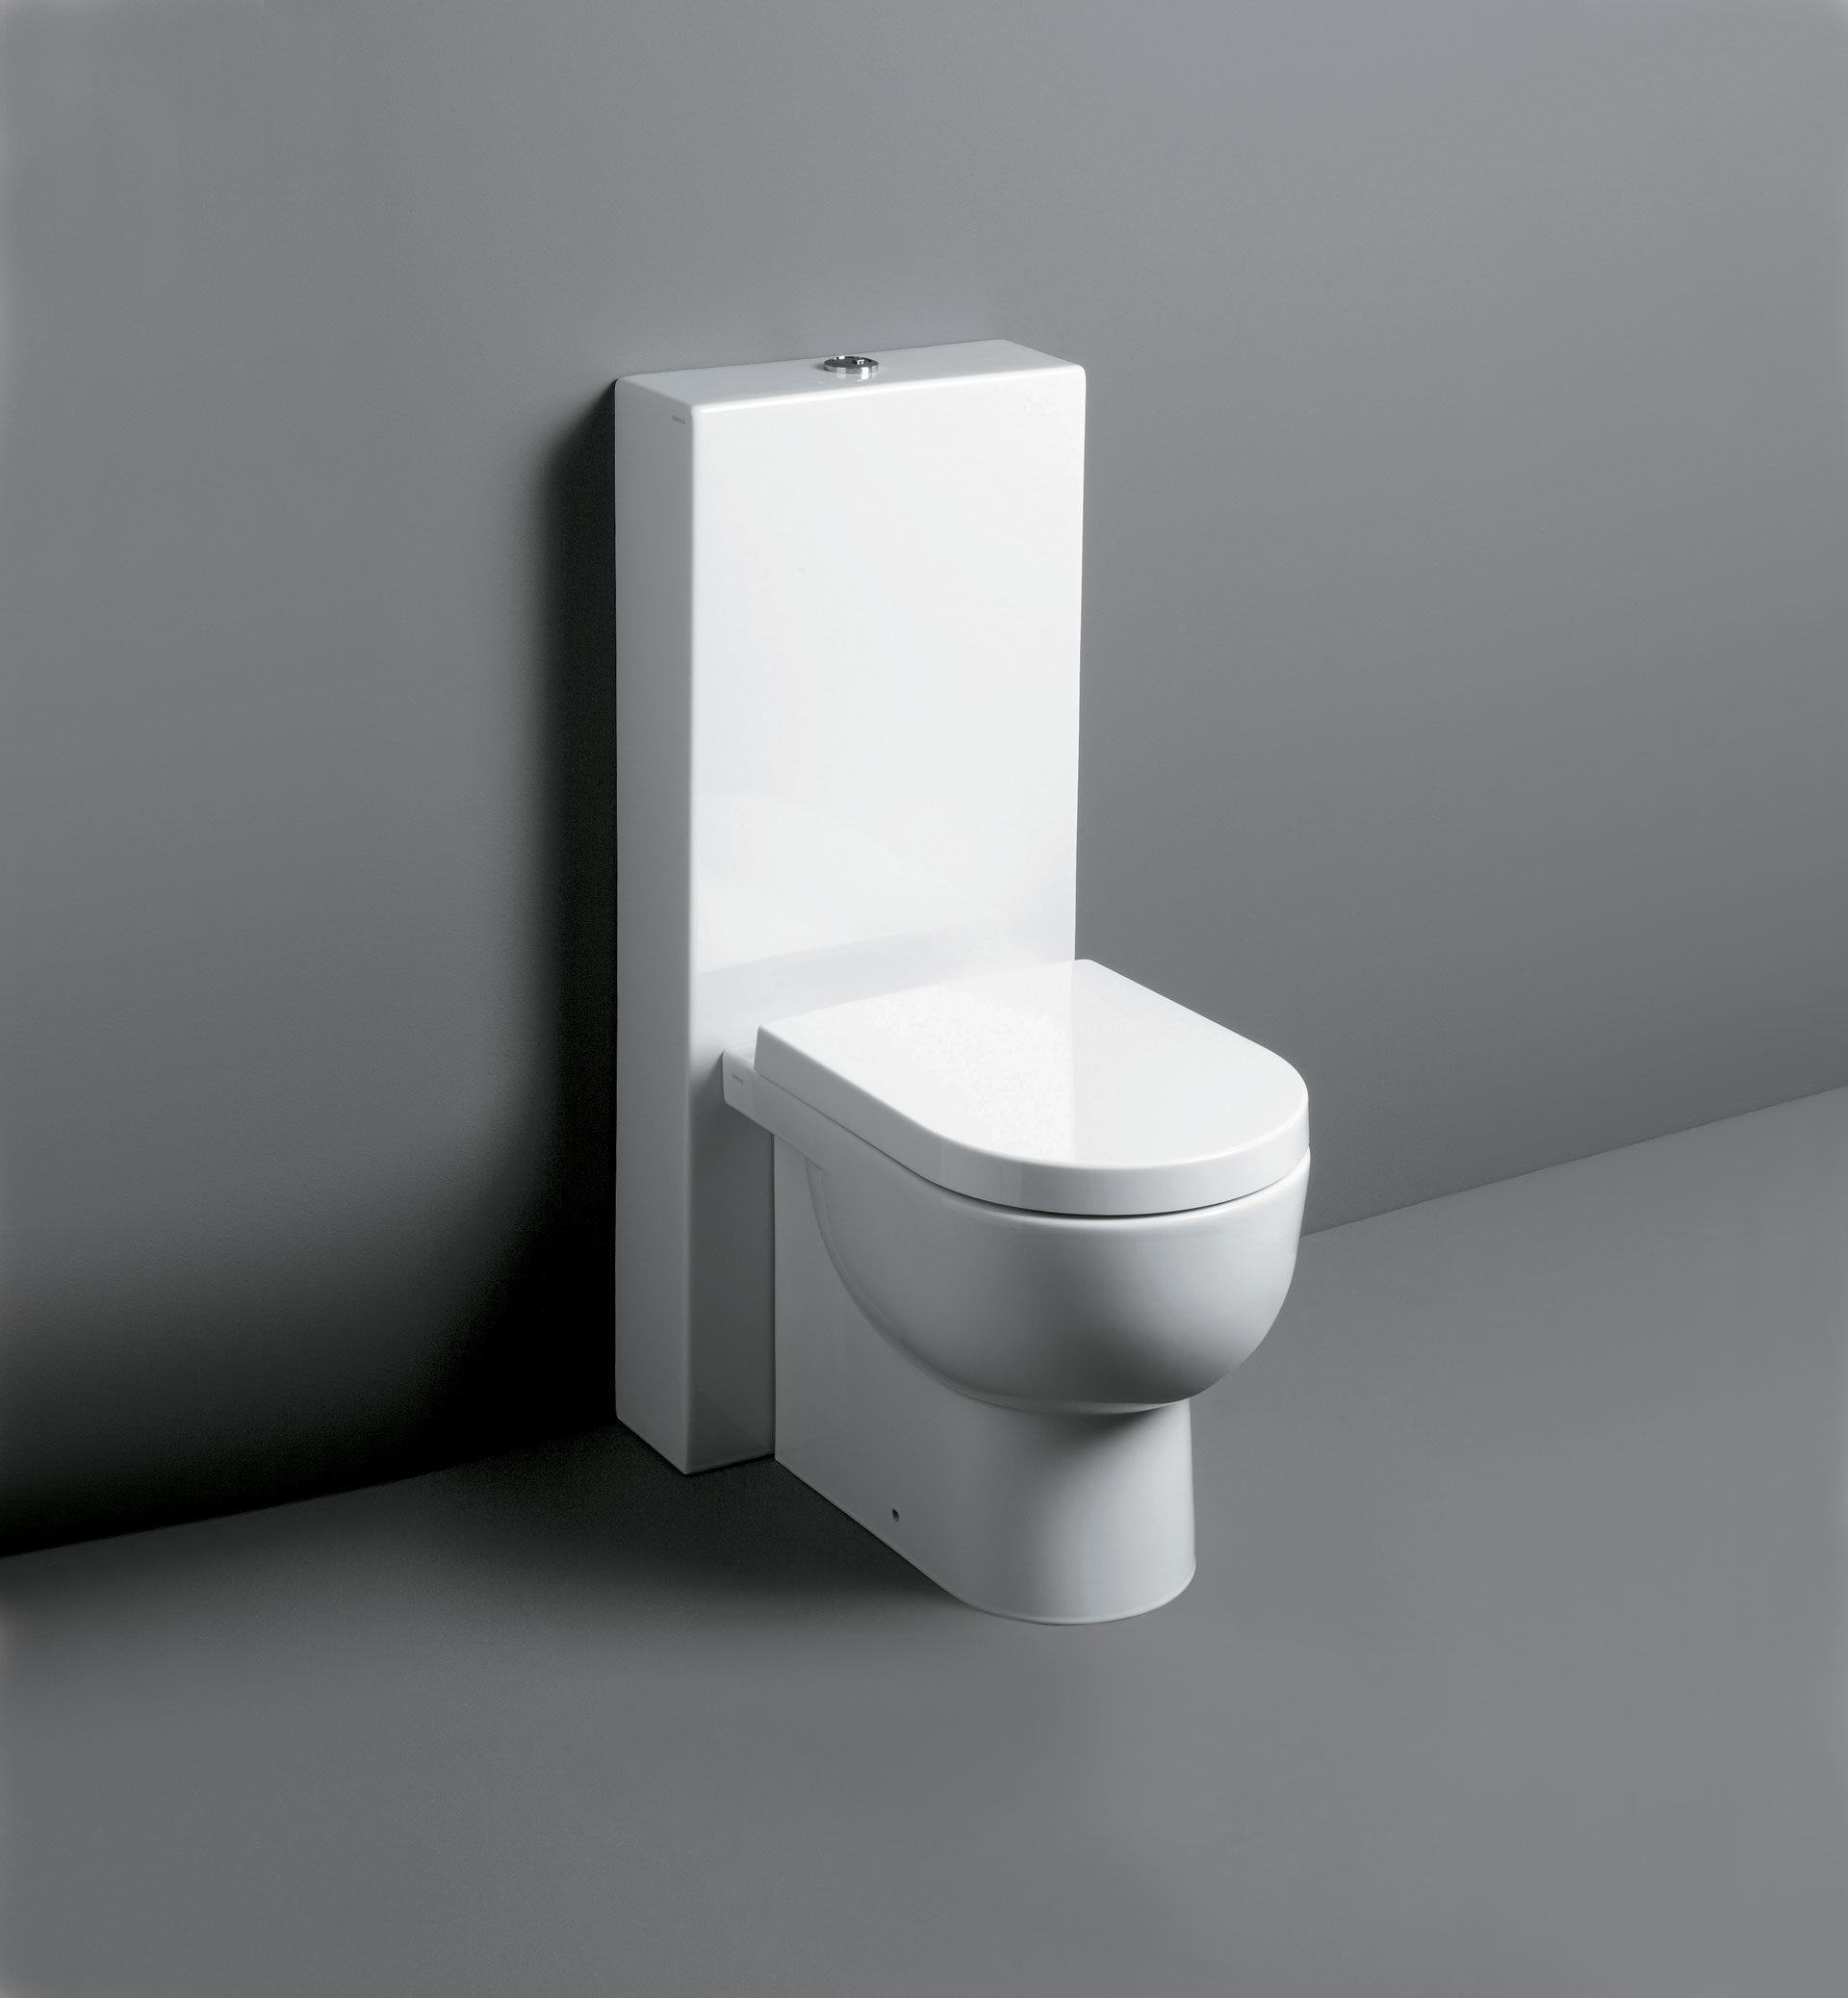 Simas E-line: estetica minimale e light price - Orsolini